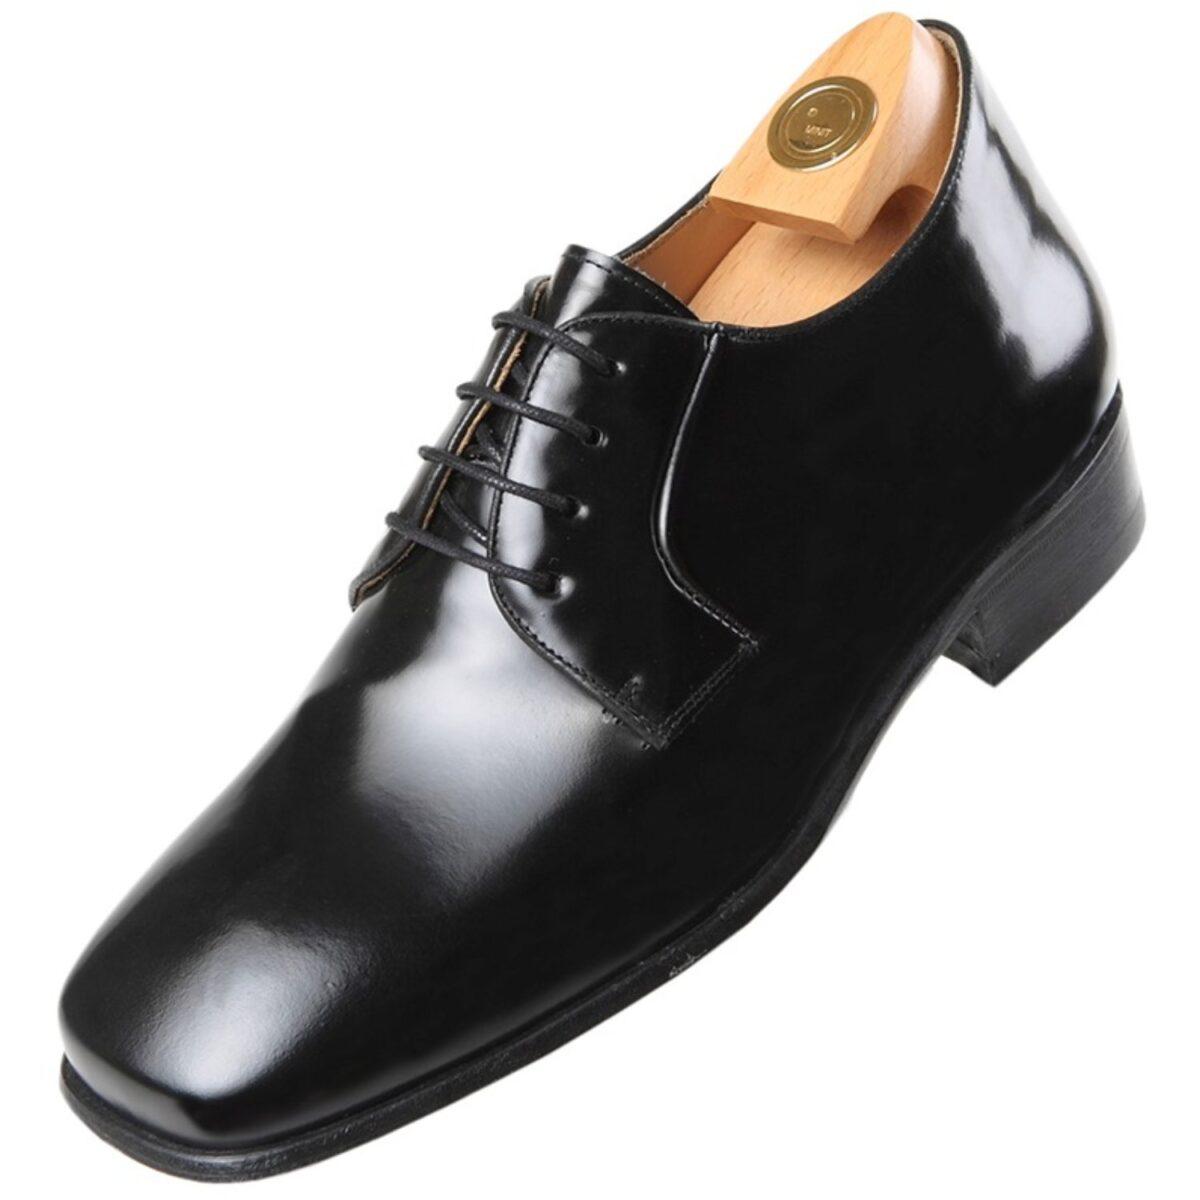 Zapatos con Alzas modelo 8131 Nc - HiPlus